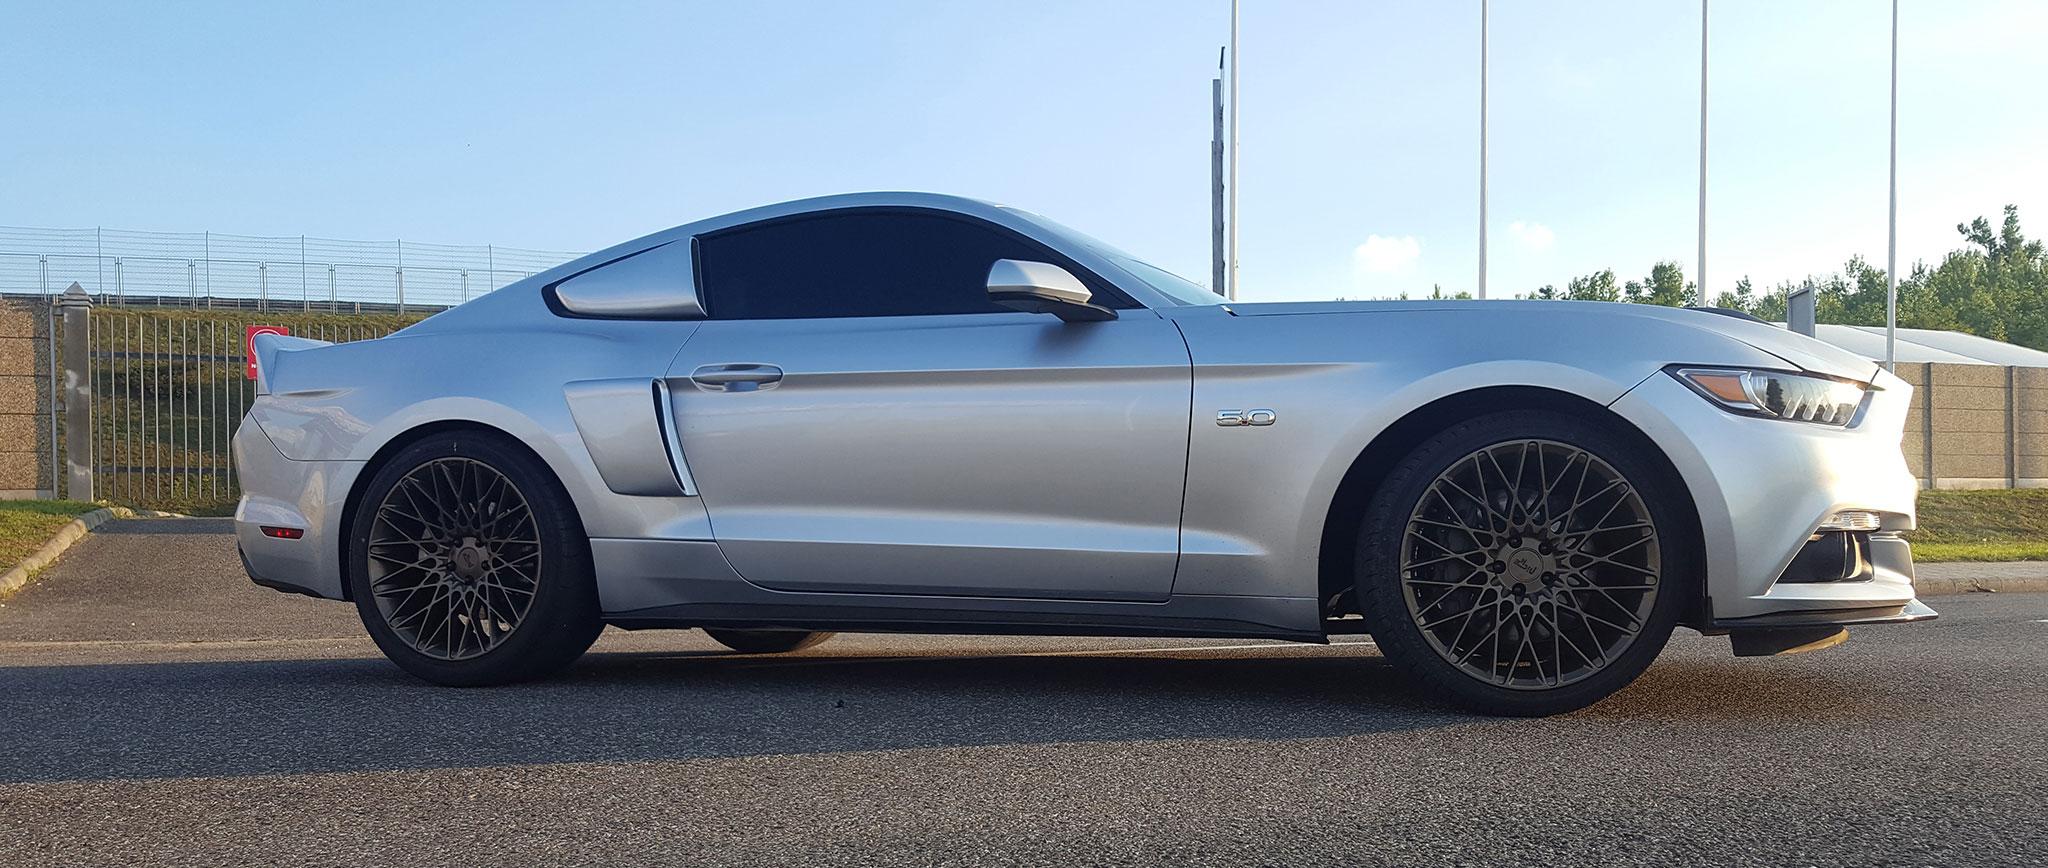 Amerikai Izomautó csomag, Dodge-Mustang élményvezetés az Euroringen